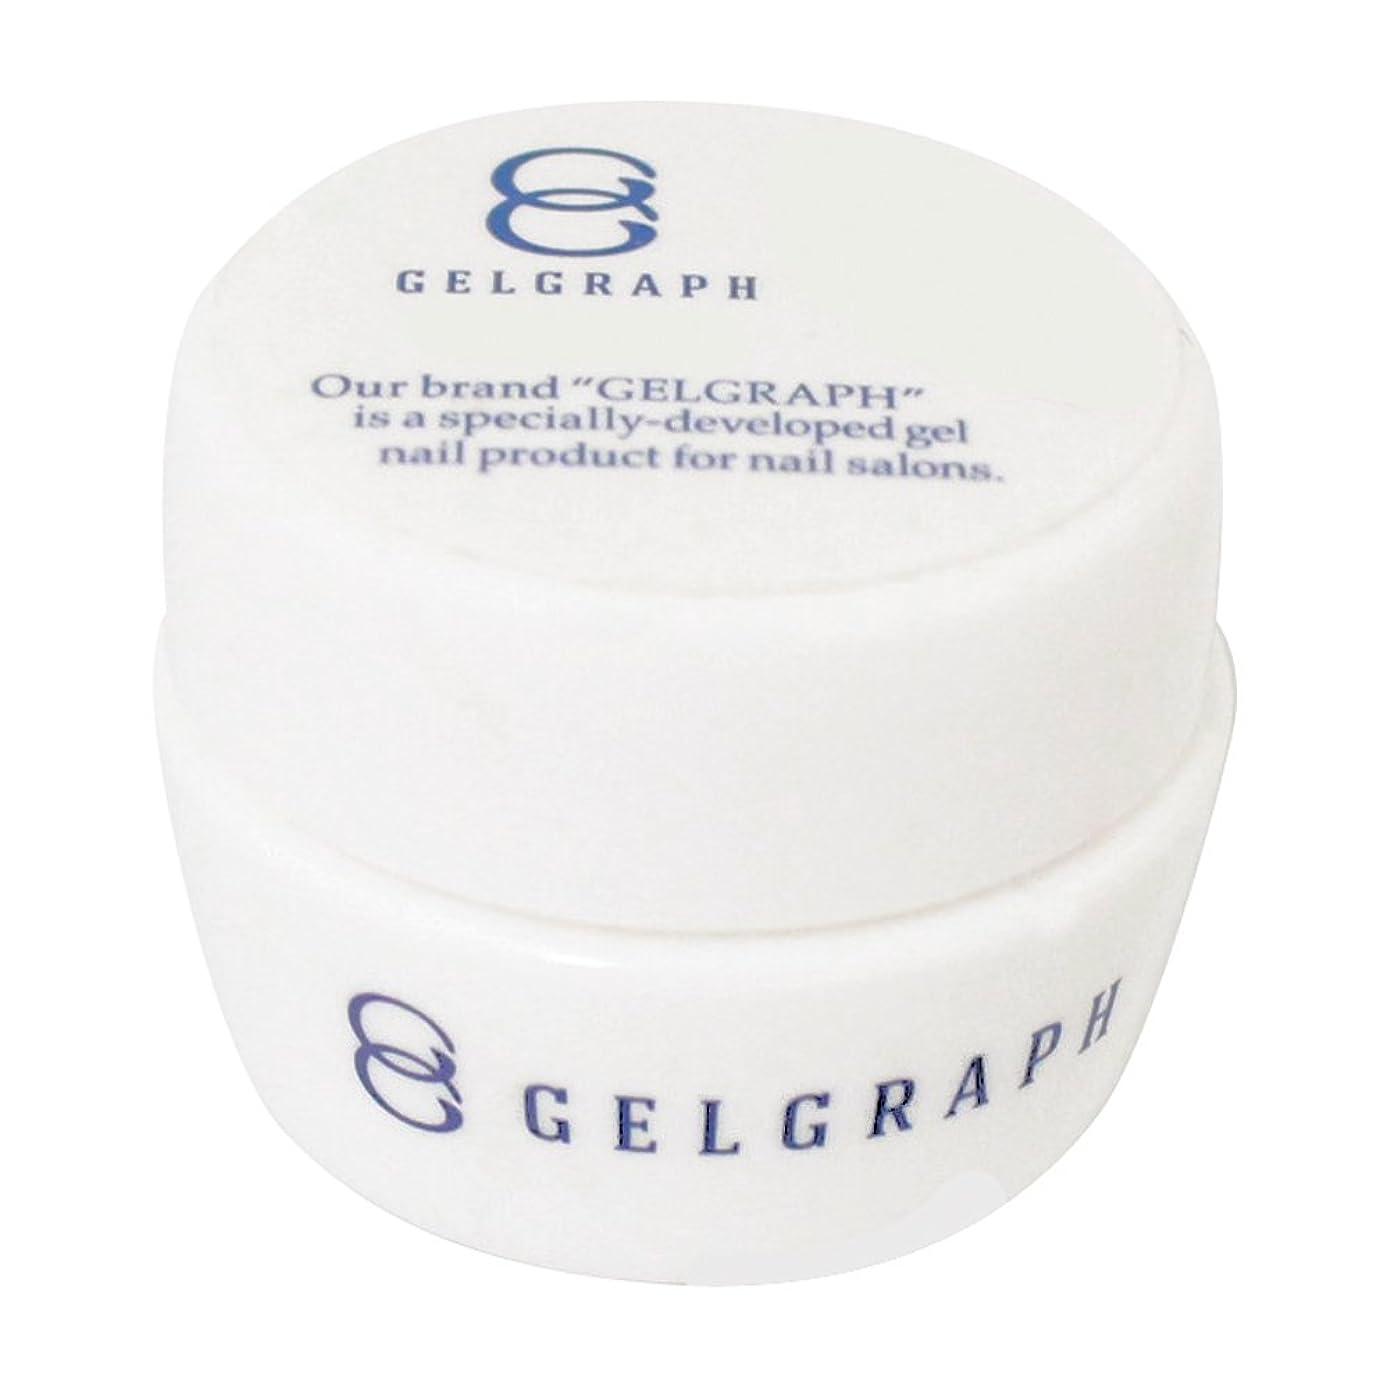 GELGRAPH カラージェル 100P ブルーマンデー 5g UV/LED対応 ソークオフジェル